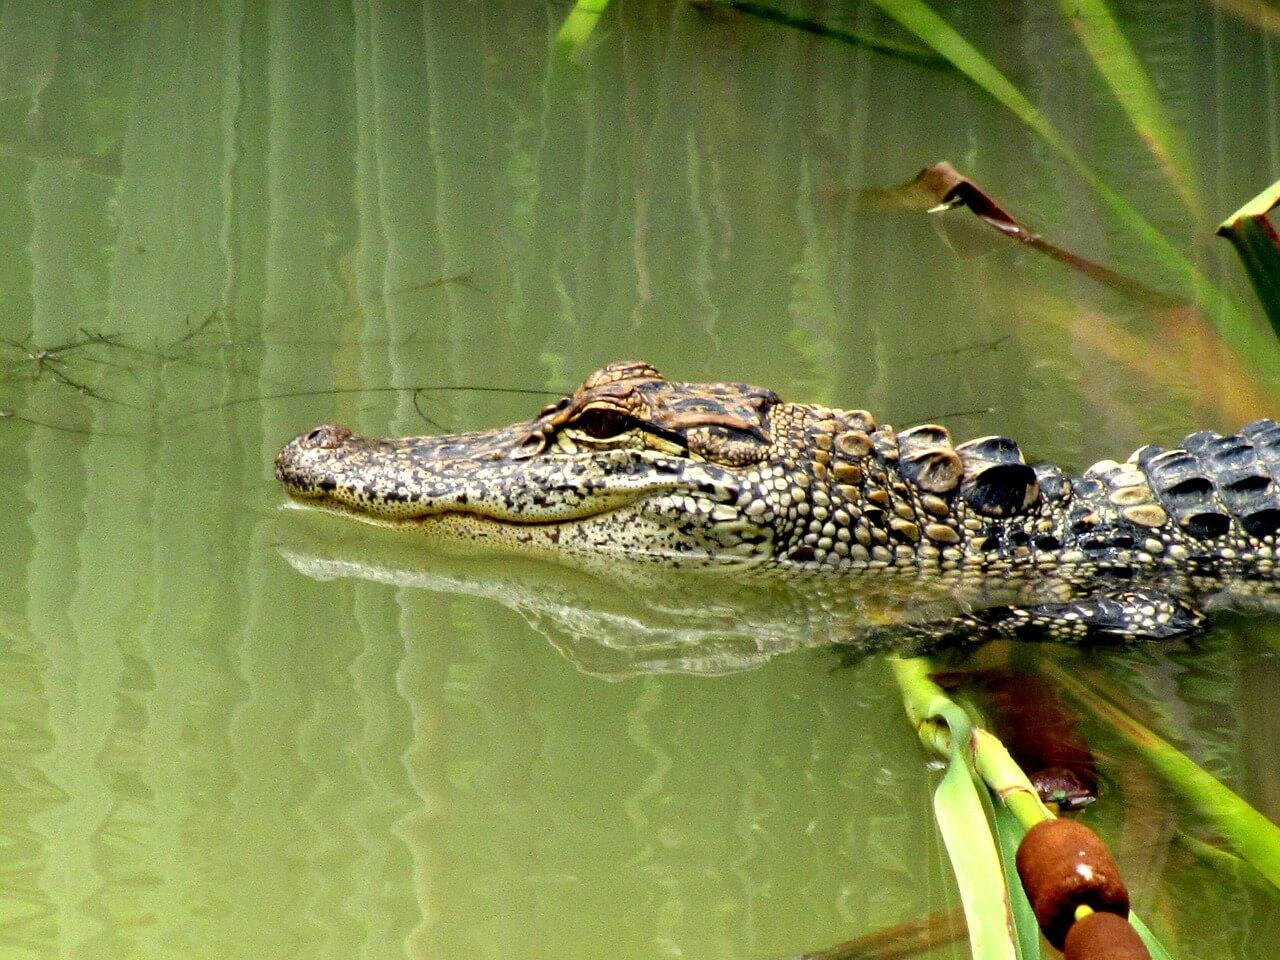 Alligator Alley Guardrails Criticized